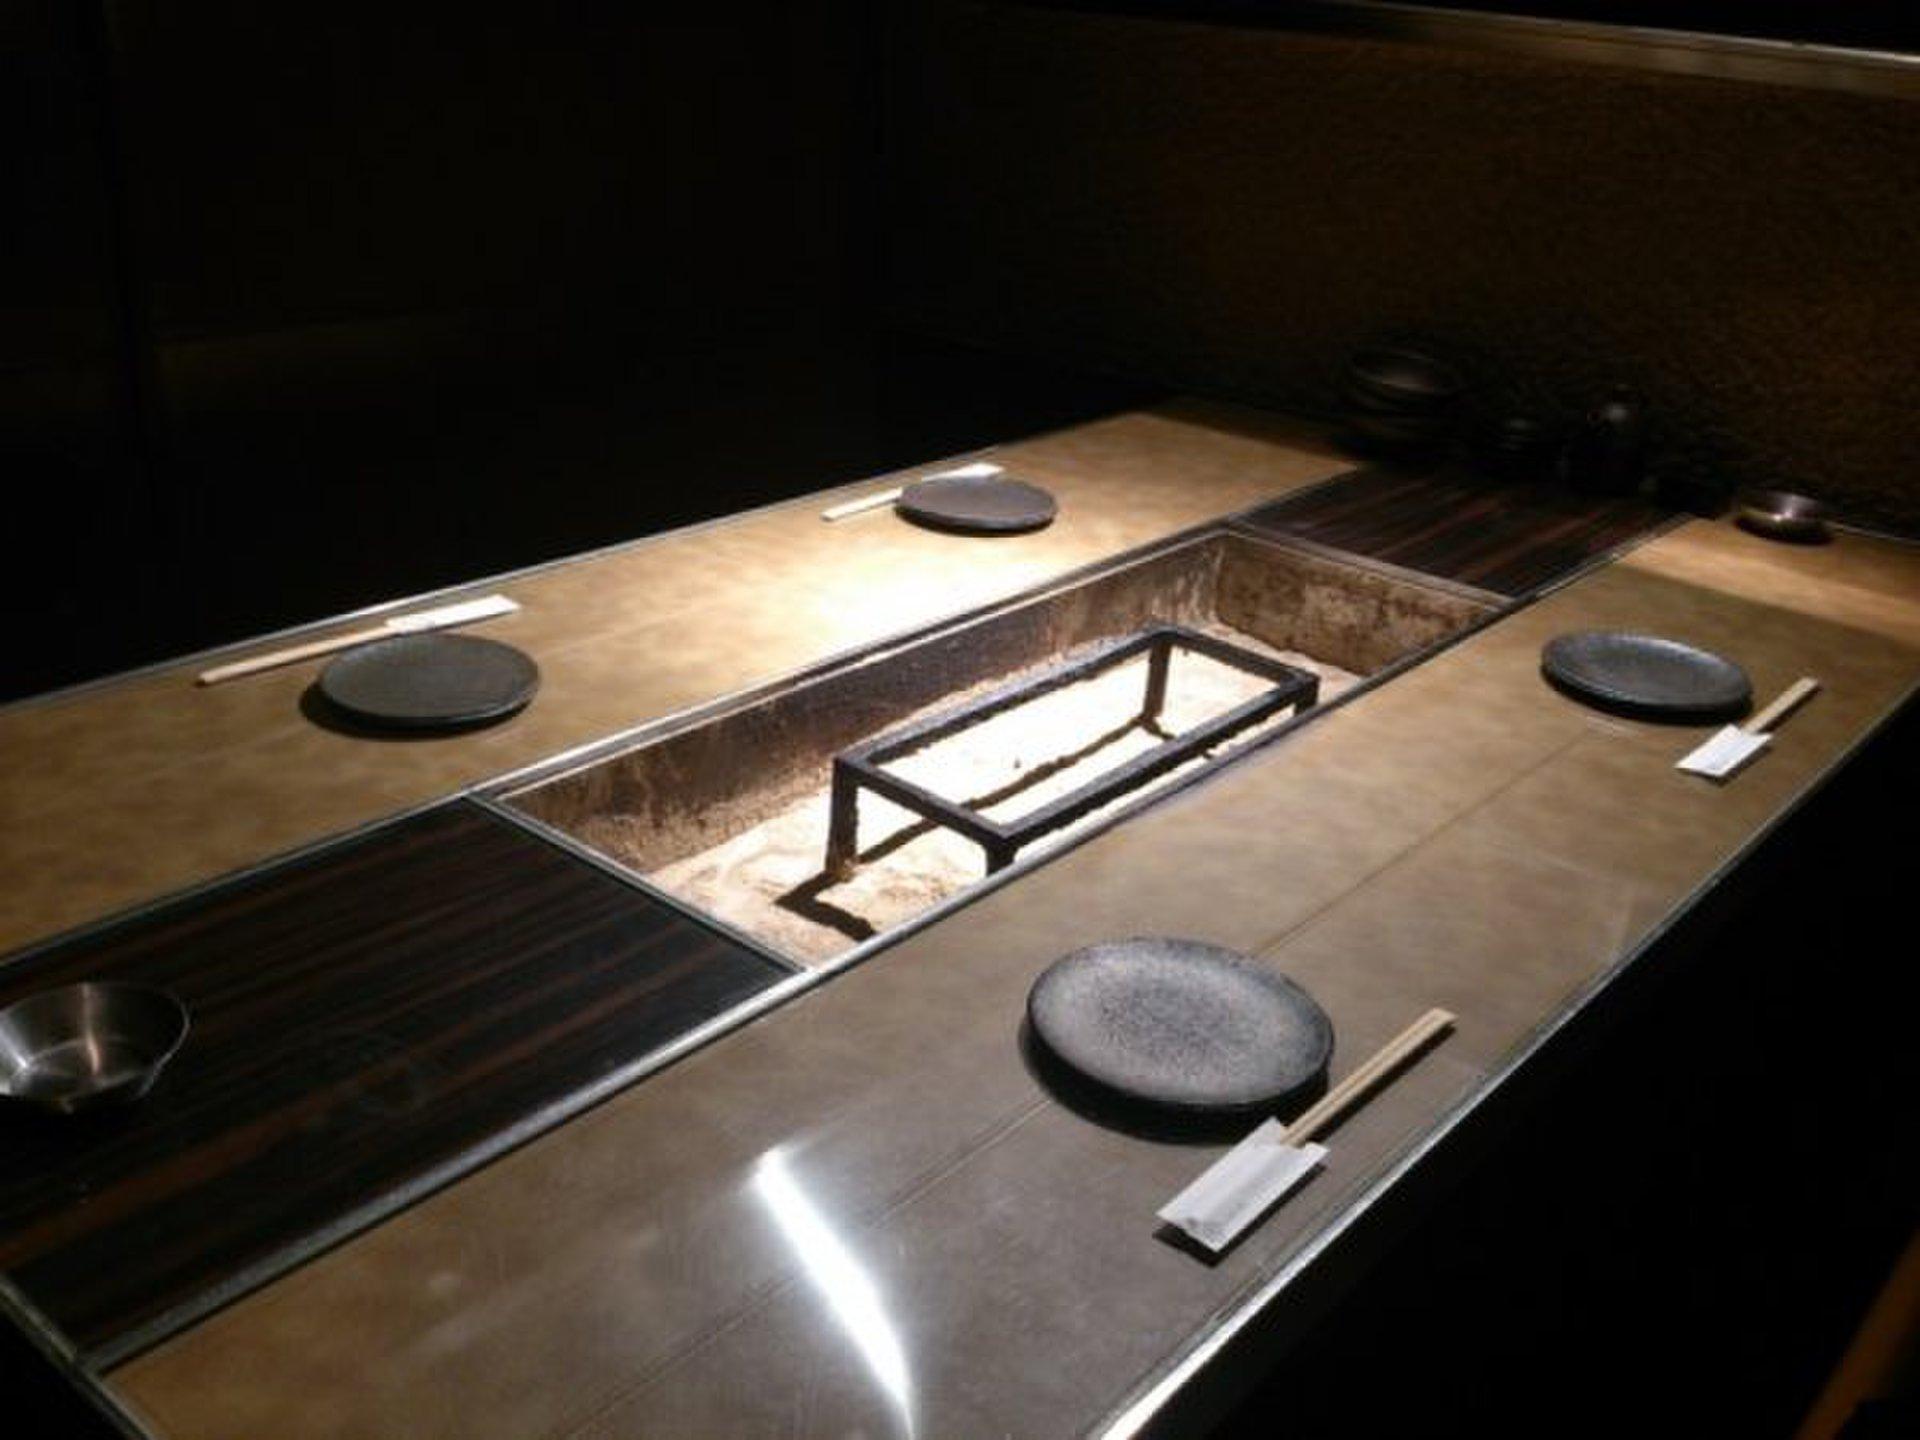 【恵比寿デートにおすすめスポット】個室高級ディナースポットでおいしく焼肉を堪能!